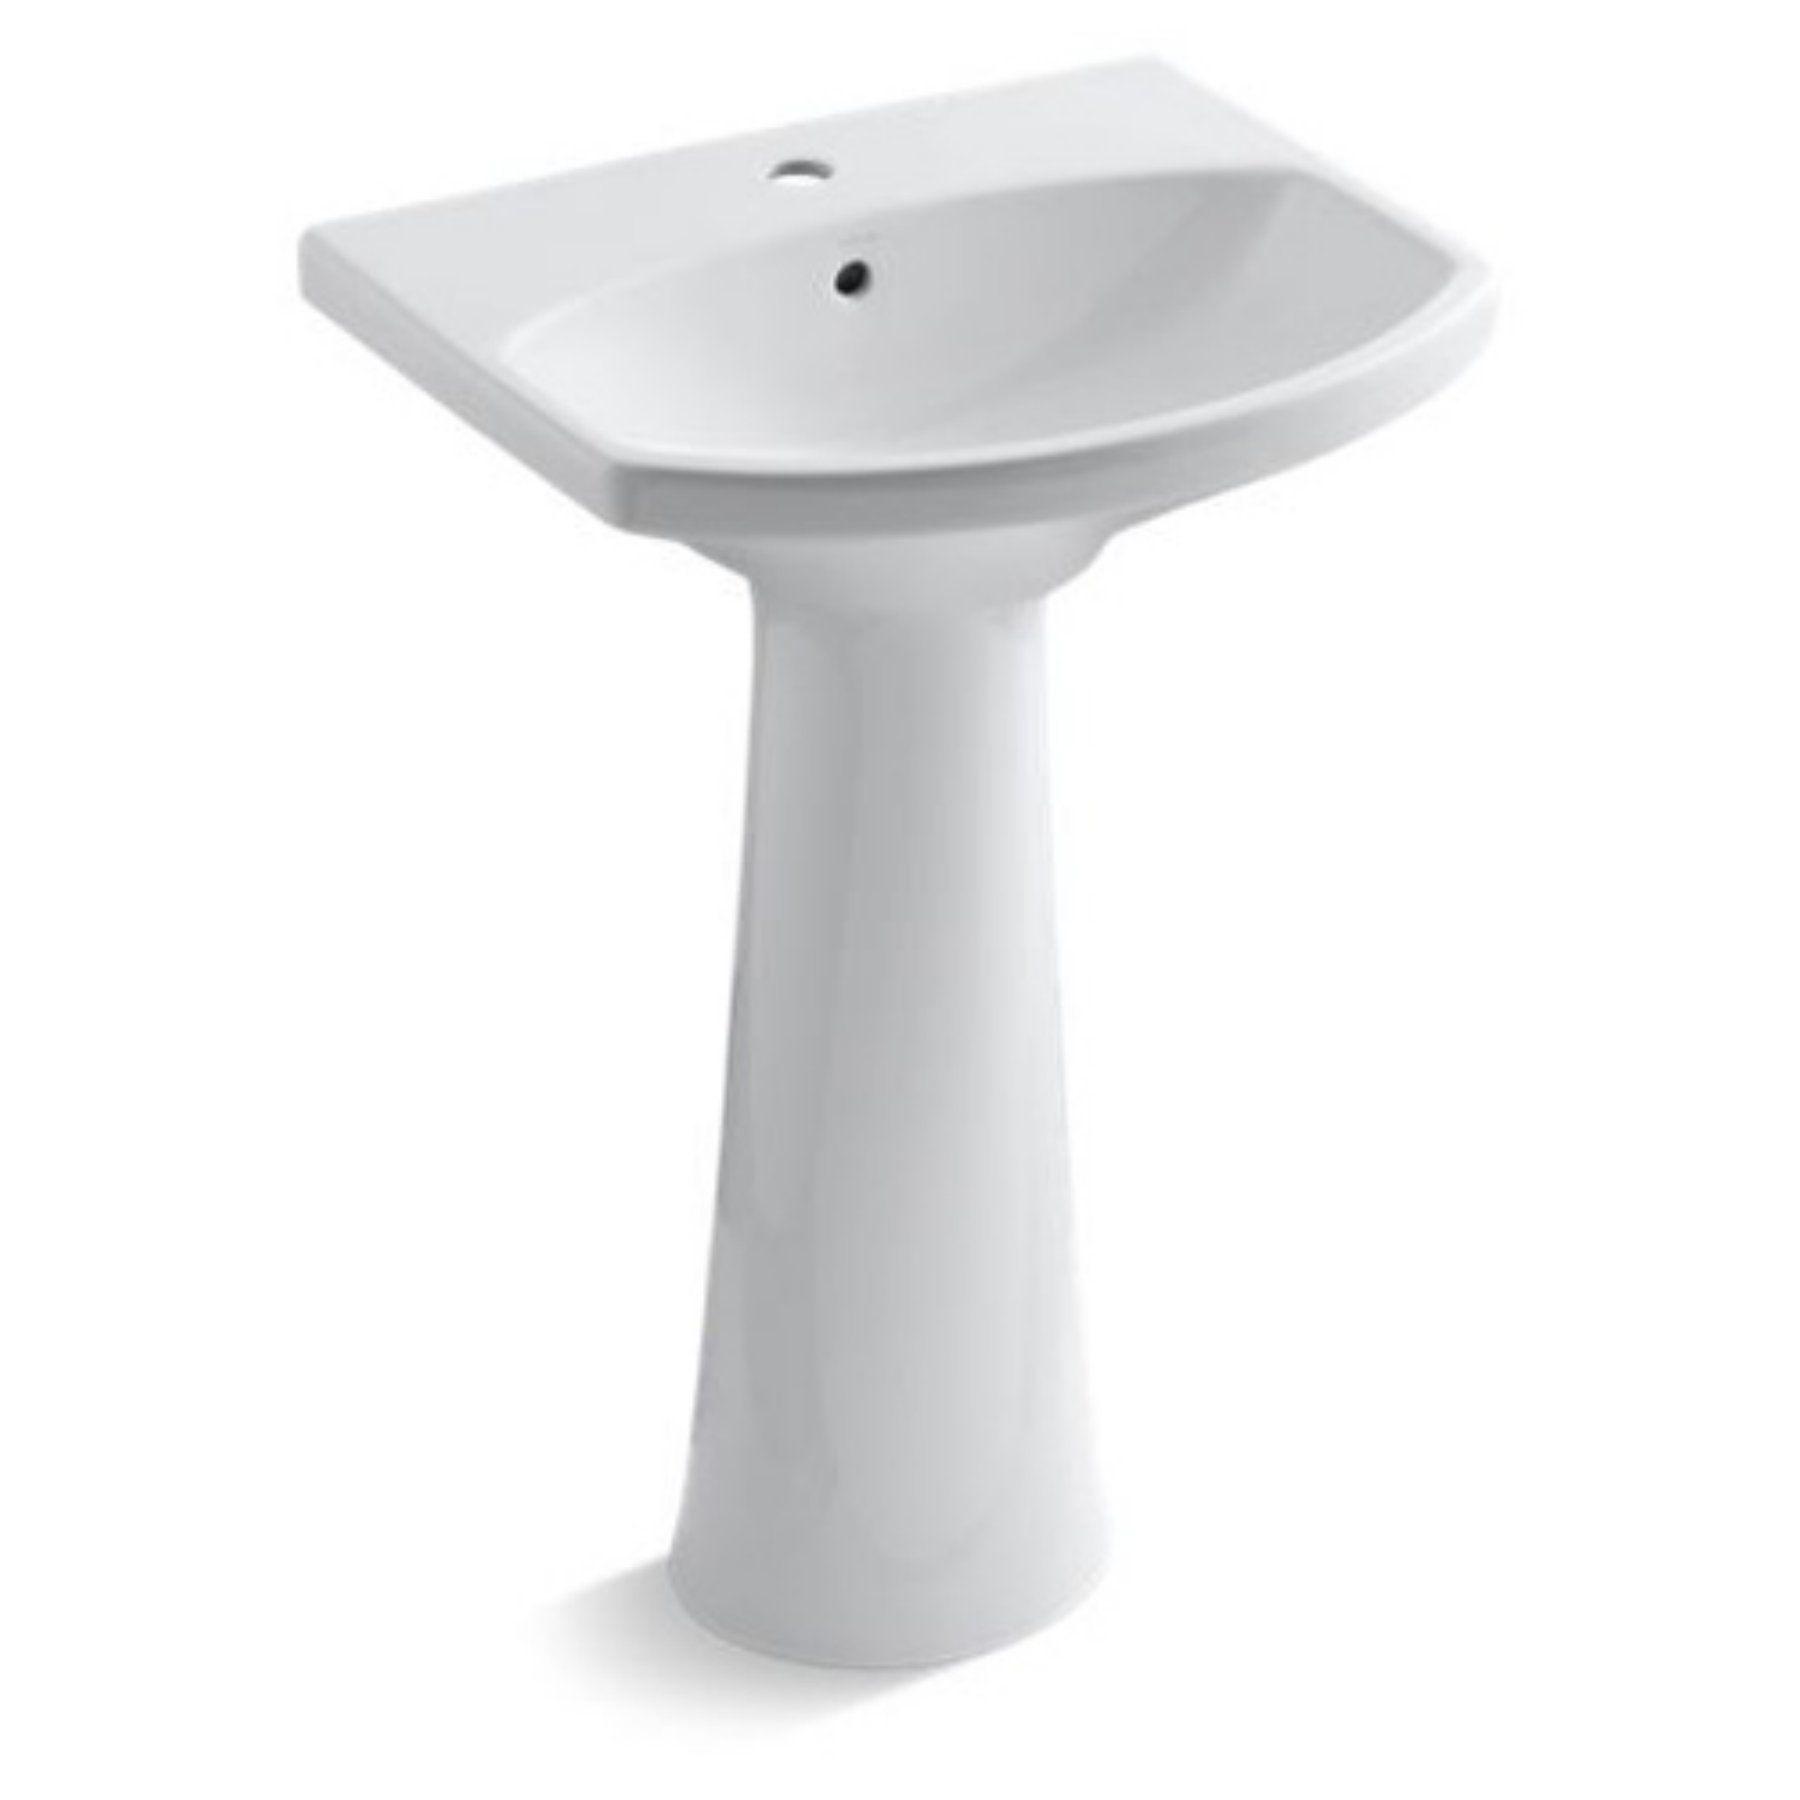 Kohler Cimarron Koh2362 Pedestal Bathroom Sink White Kohler